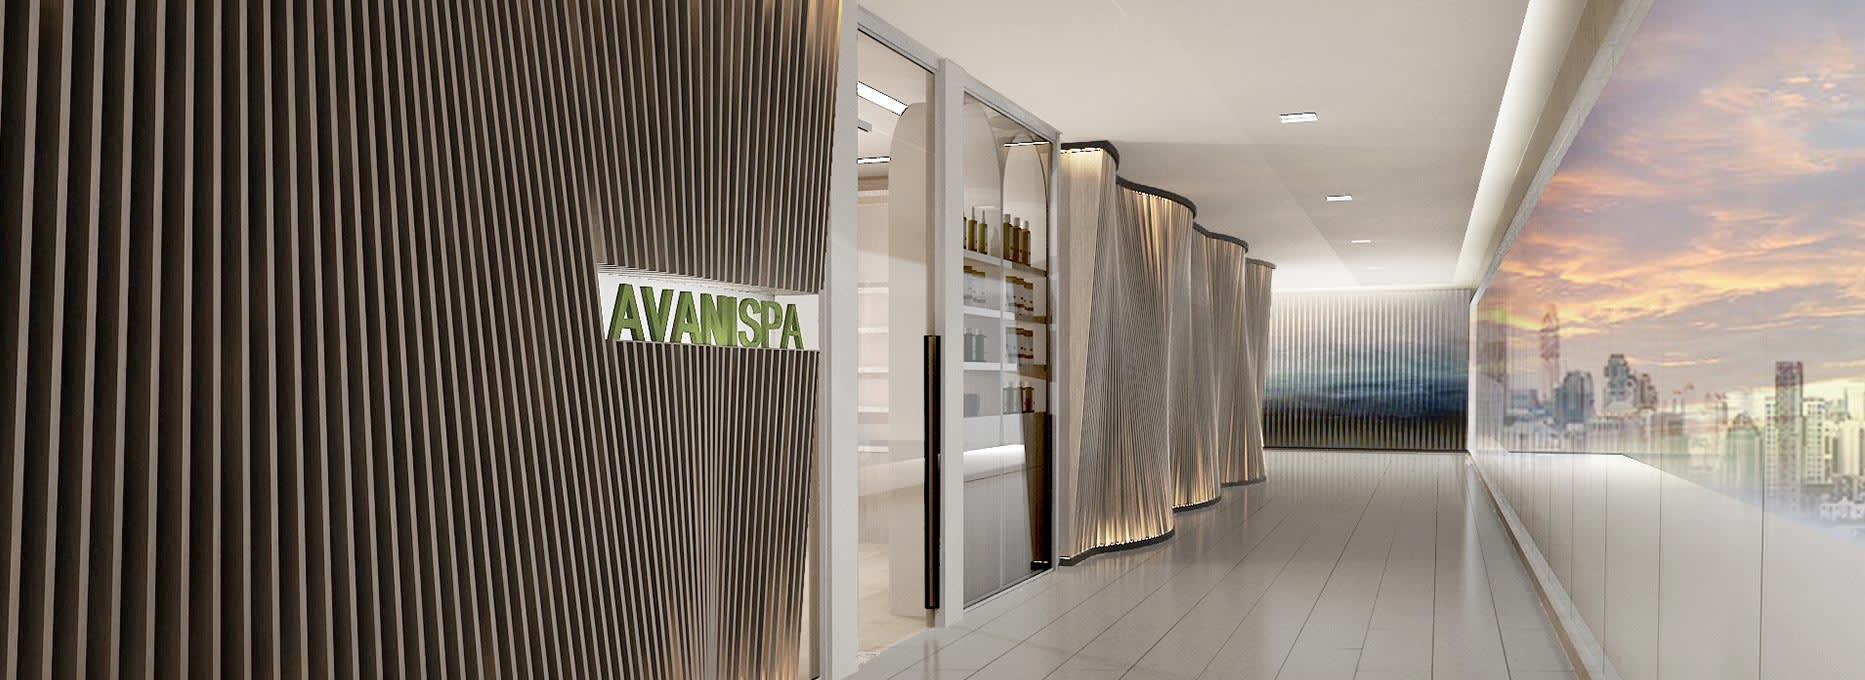 AvaniSpa